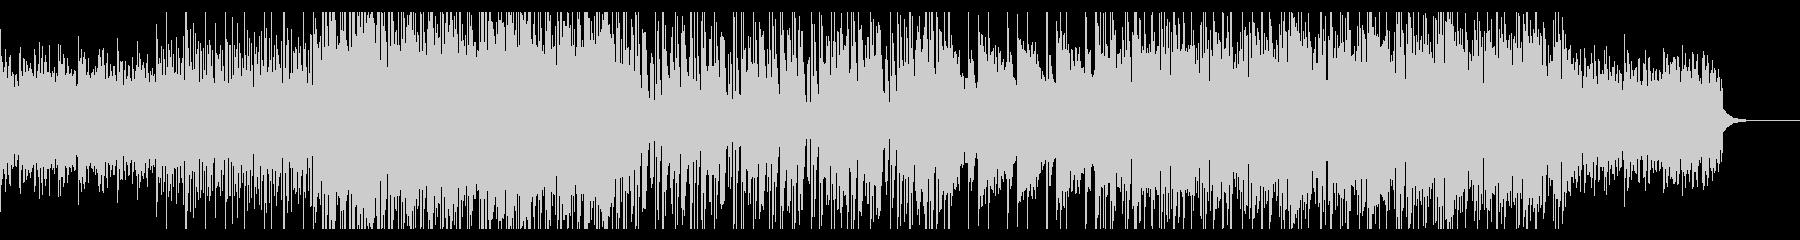 ピアノ伴奏 寂しいトラップBGMの未再生の波形